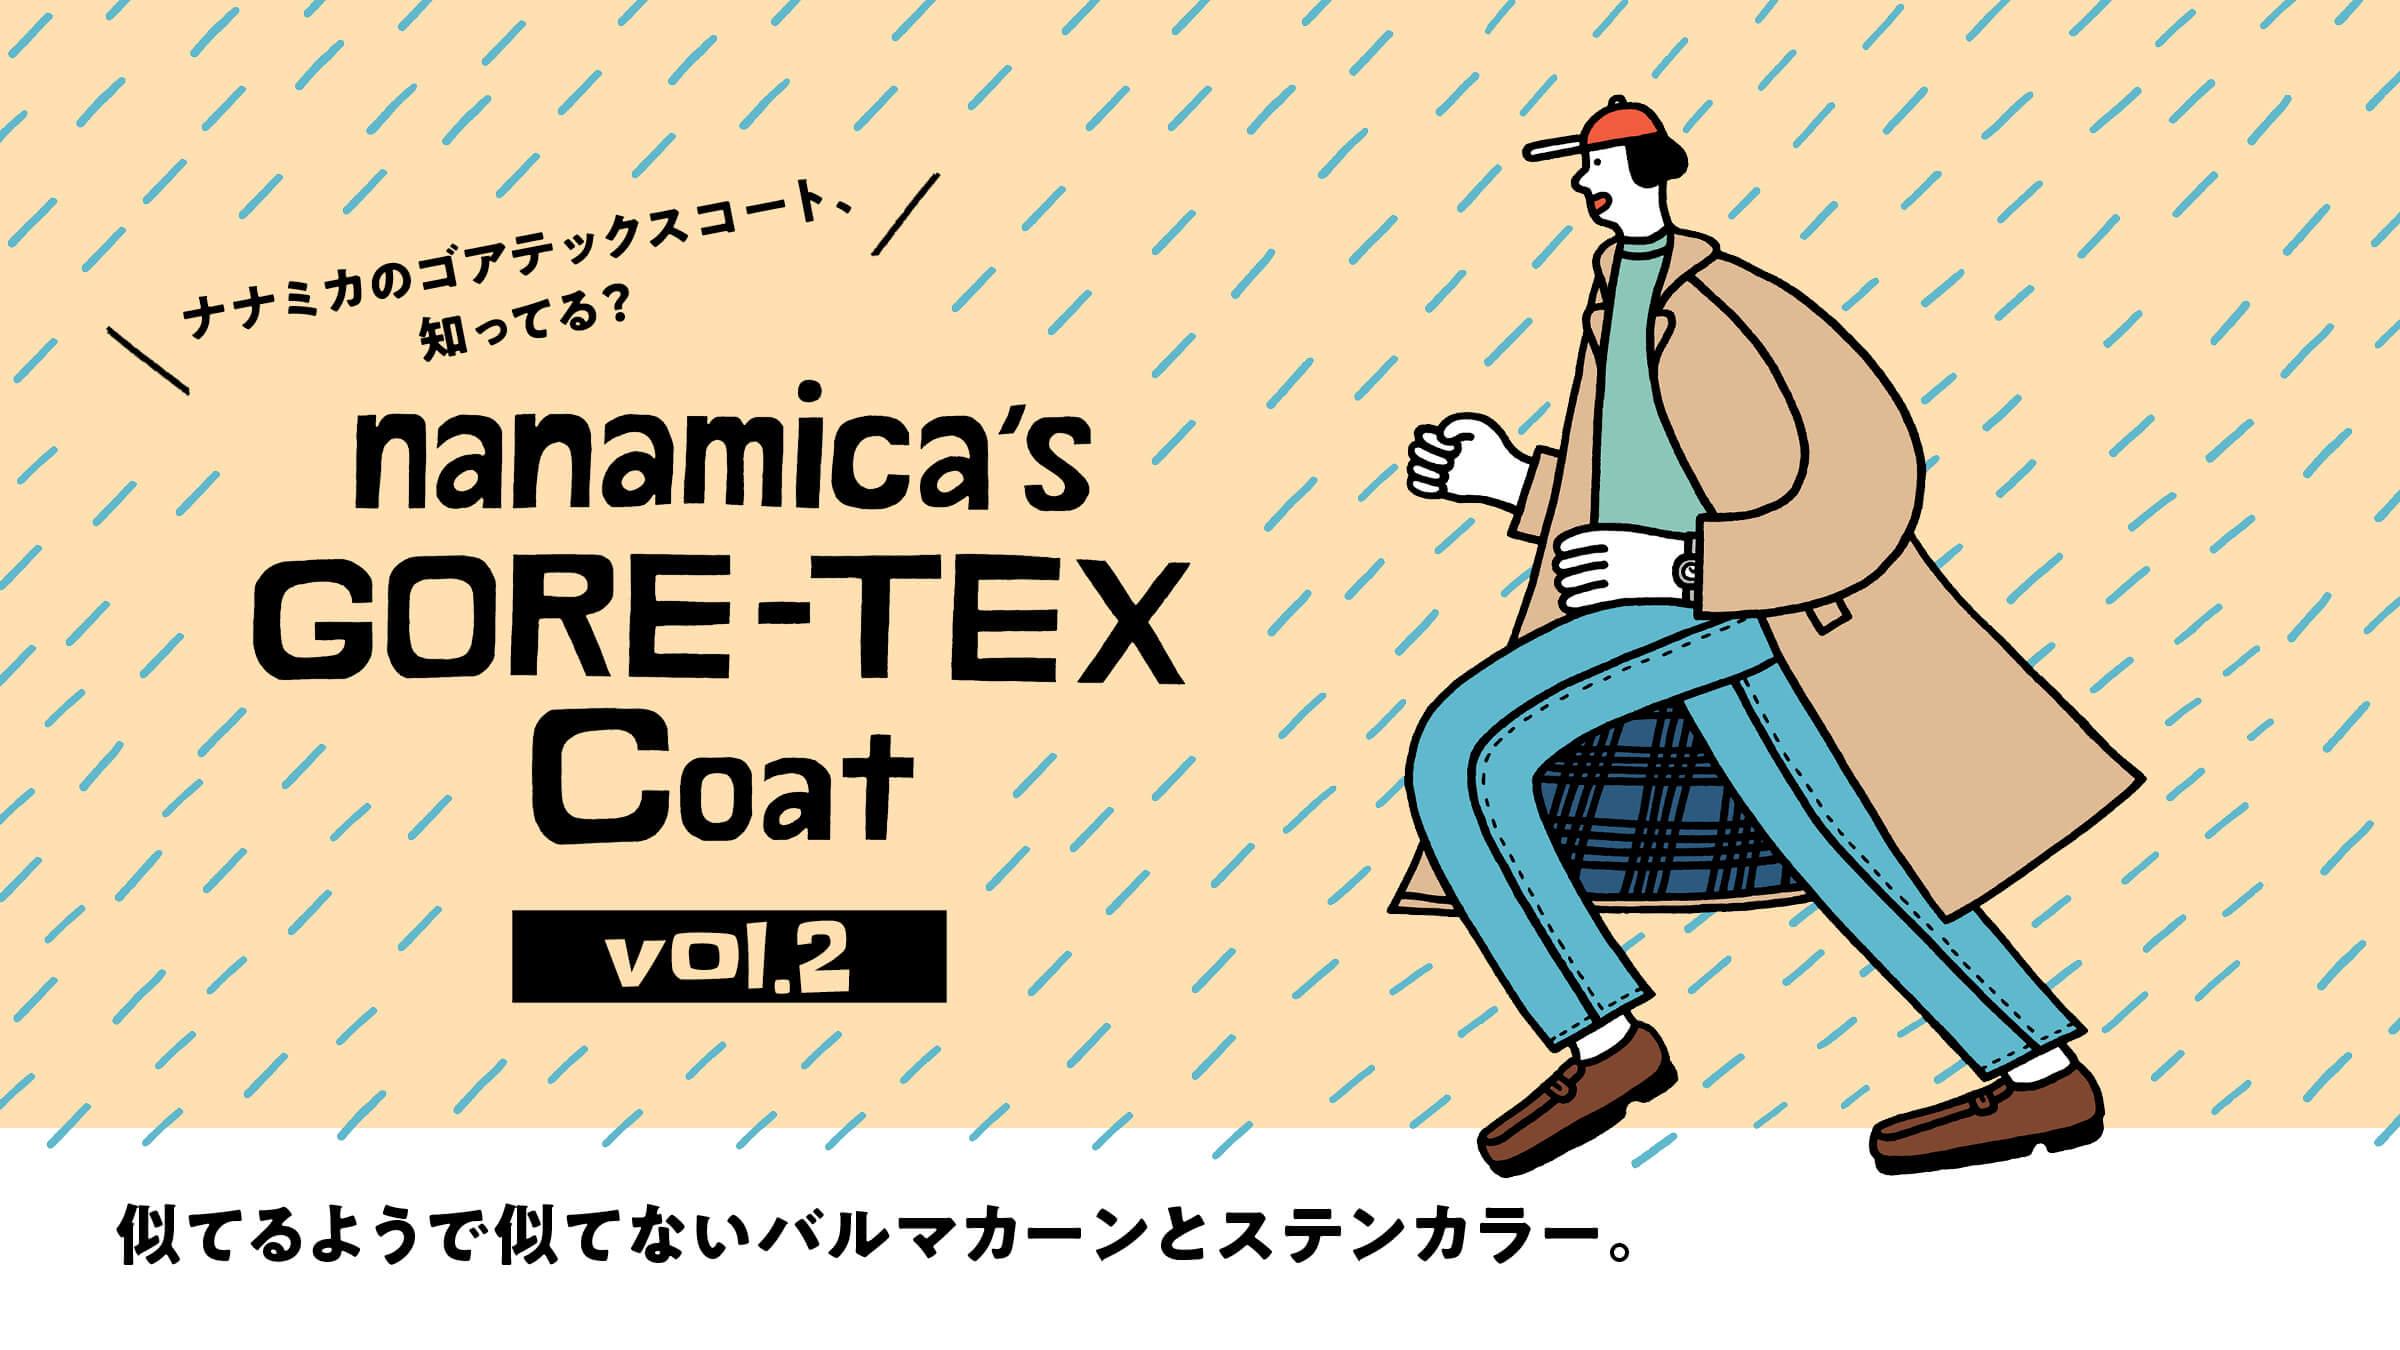 ナナミカのゴアテックスコート、知ってる? vol.2 似てるようで似てないバルマカーンとステンカラー。